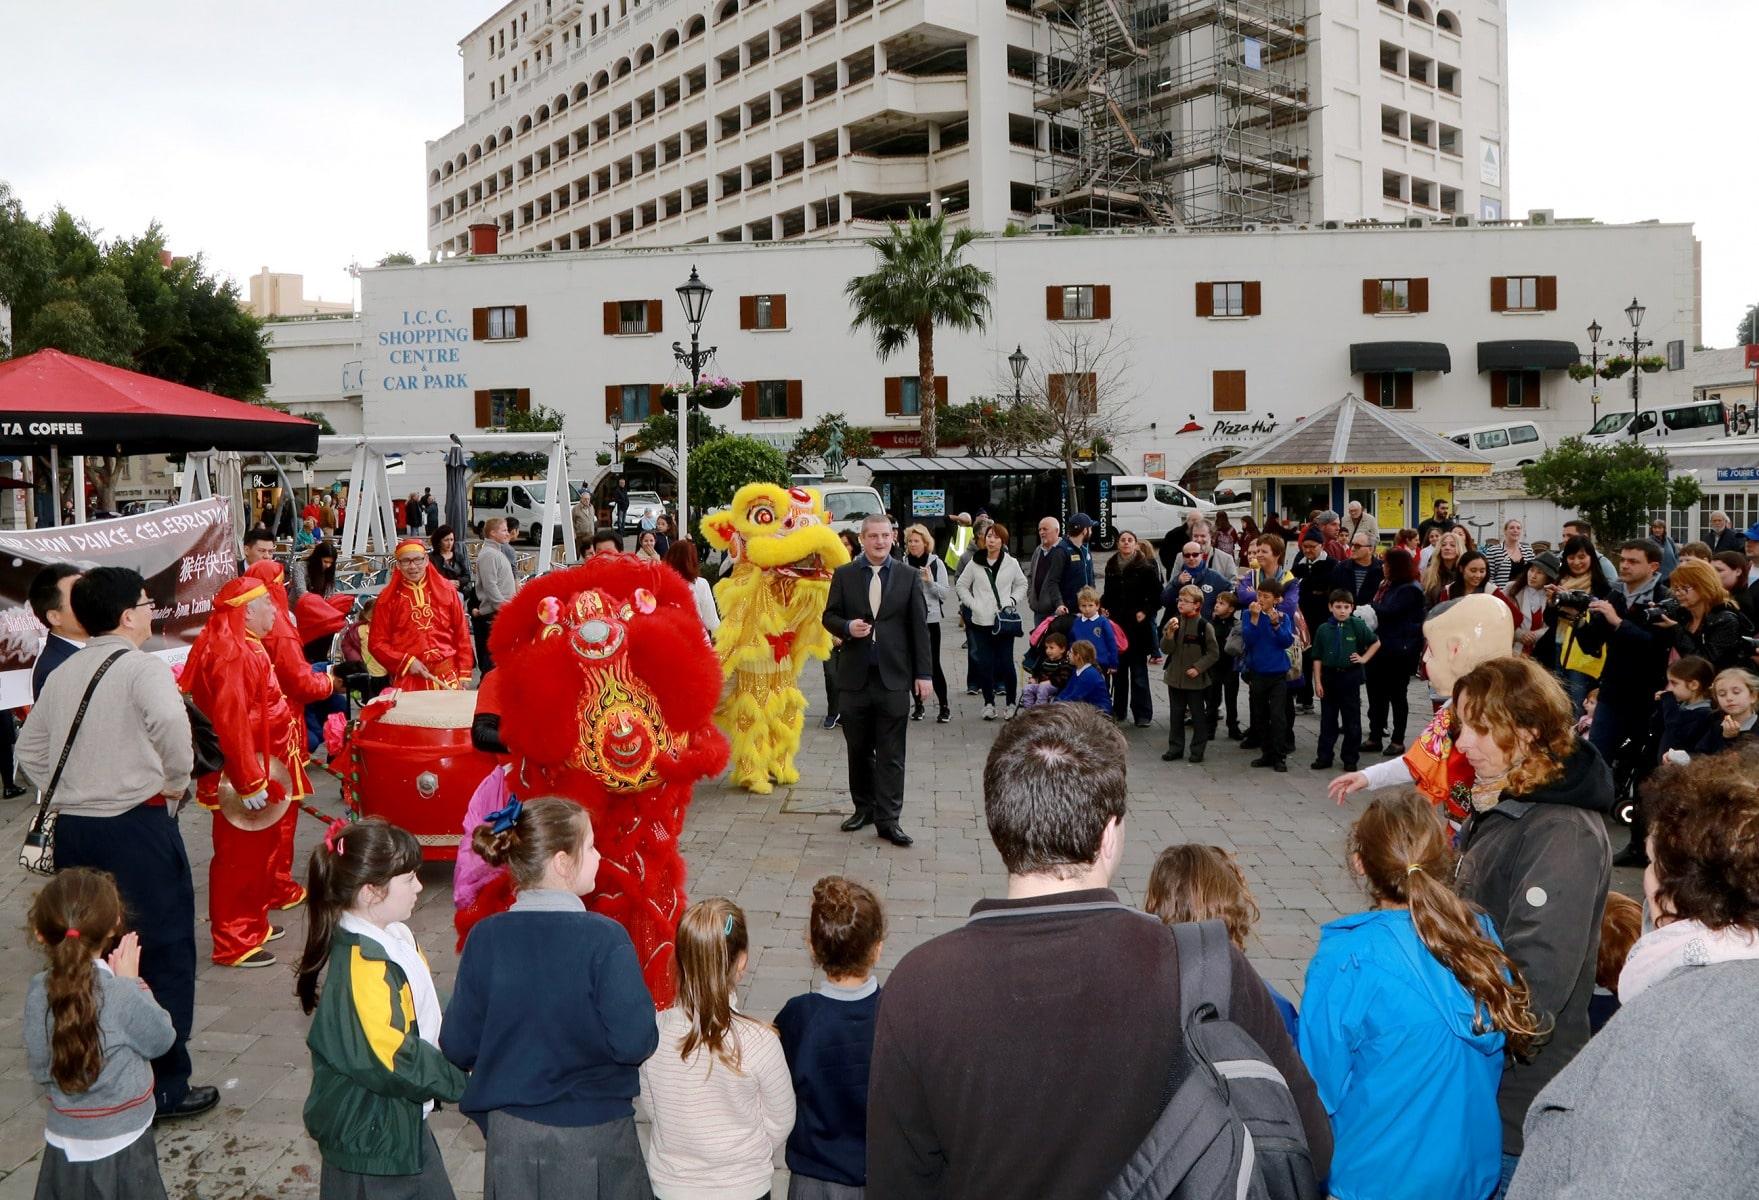 10-feb-2016-celebracin-en-gibraltar-del-ao-nuevo-chino-22_24314263923_o